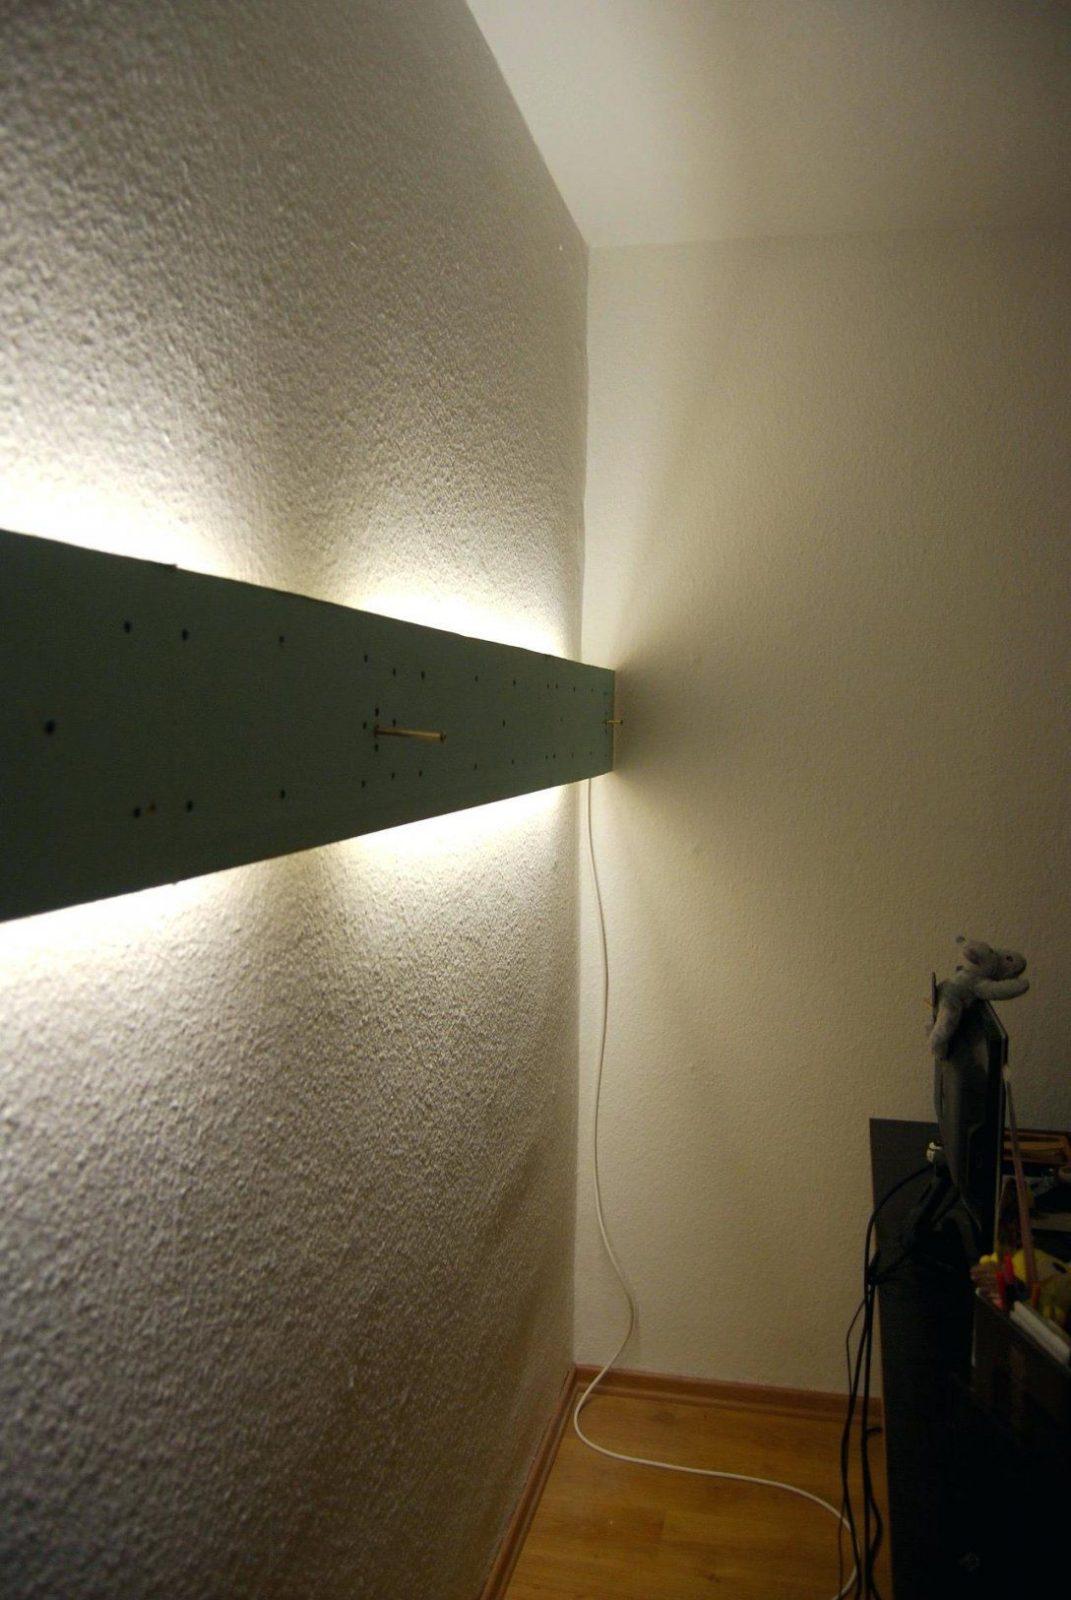 Indirekte Beleuchtung Schlafzimmer Bild Von Wand Ideen Selber Bauen von Indirekte Beleuchtung Schlafzimmer Selber Bauen Bild